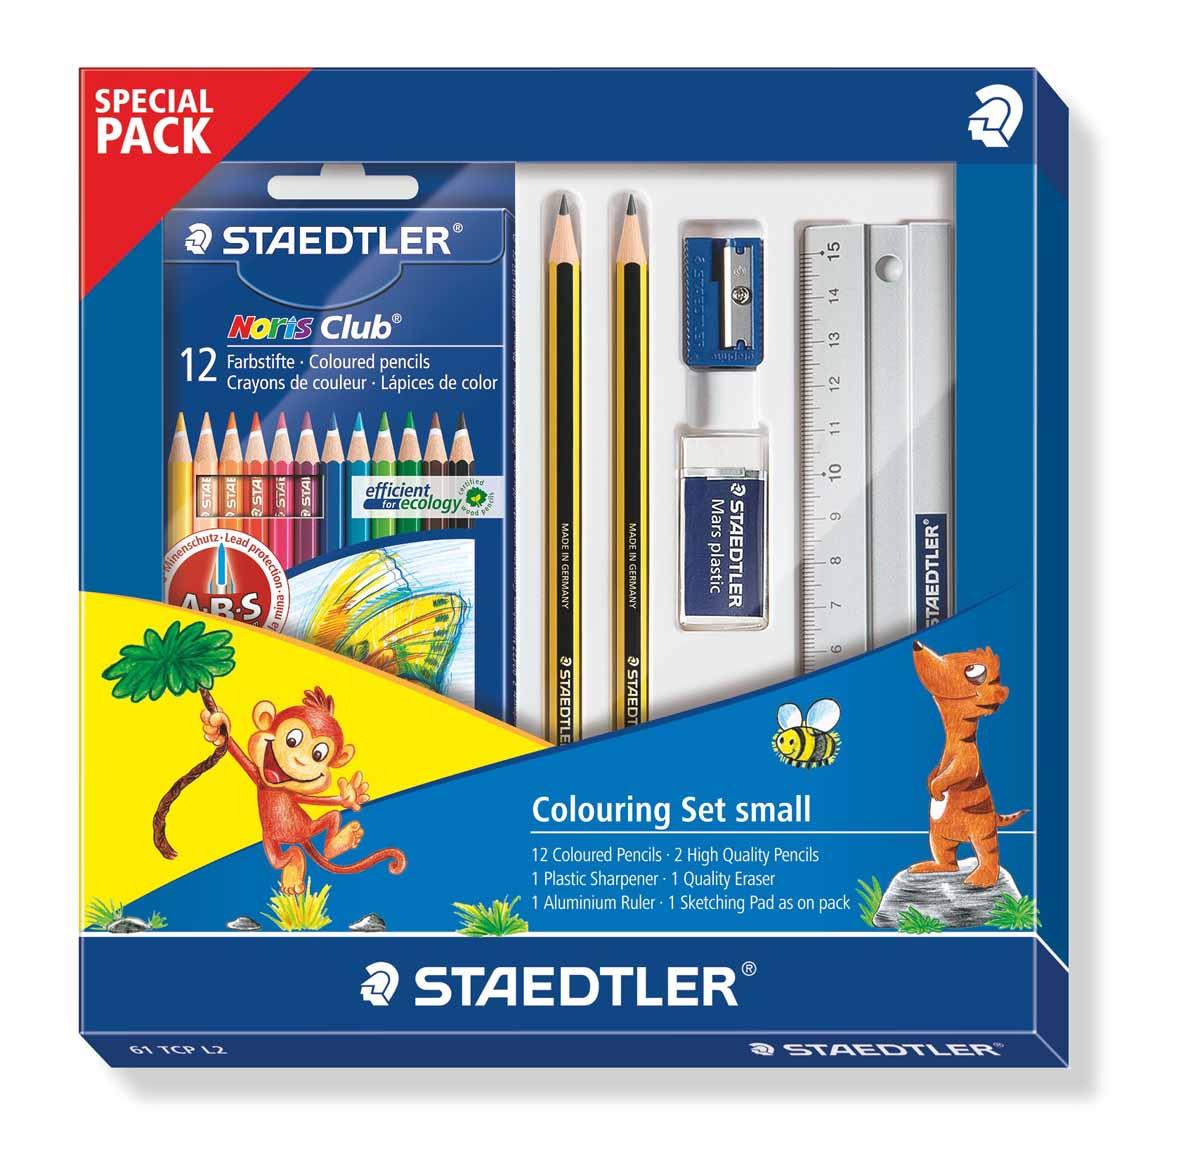 Staedtler Набор для рисования 61TCPL261TCPL2Новый набор для рисования от Staedtler в спец. упаковке. Включает 6 предметов: 1 шт. - цветные карандаши 144 NC 12; 2 шт. - чернографитовые карандаши 120-HB; 1 шт. - пластиковая точилка 510 20; 1шт. - ластик Mars; 1 шт. - алюминевая линейка.